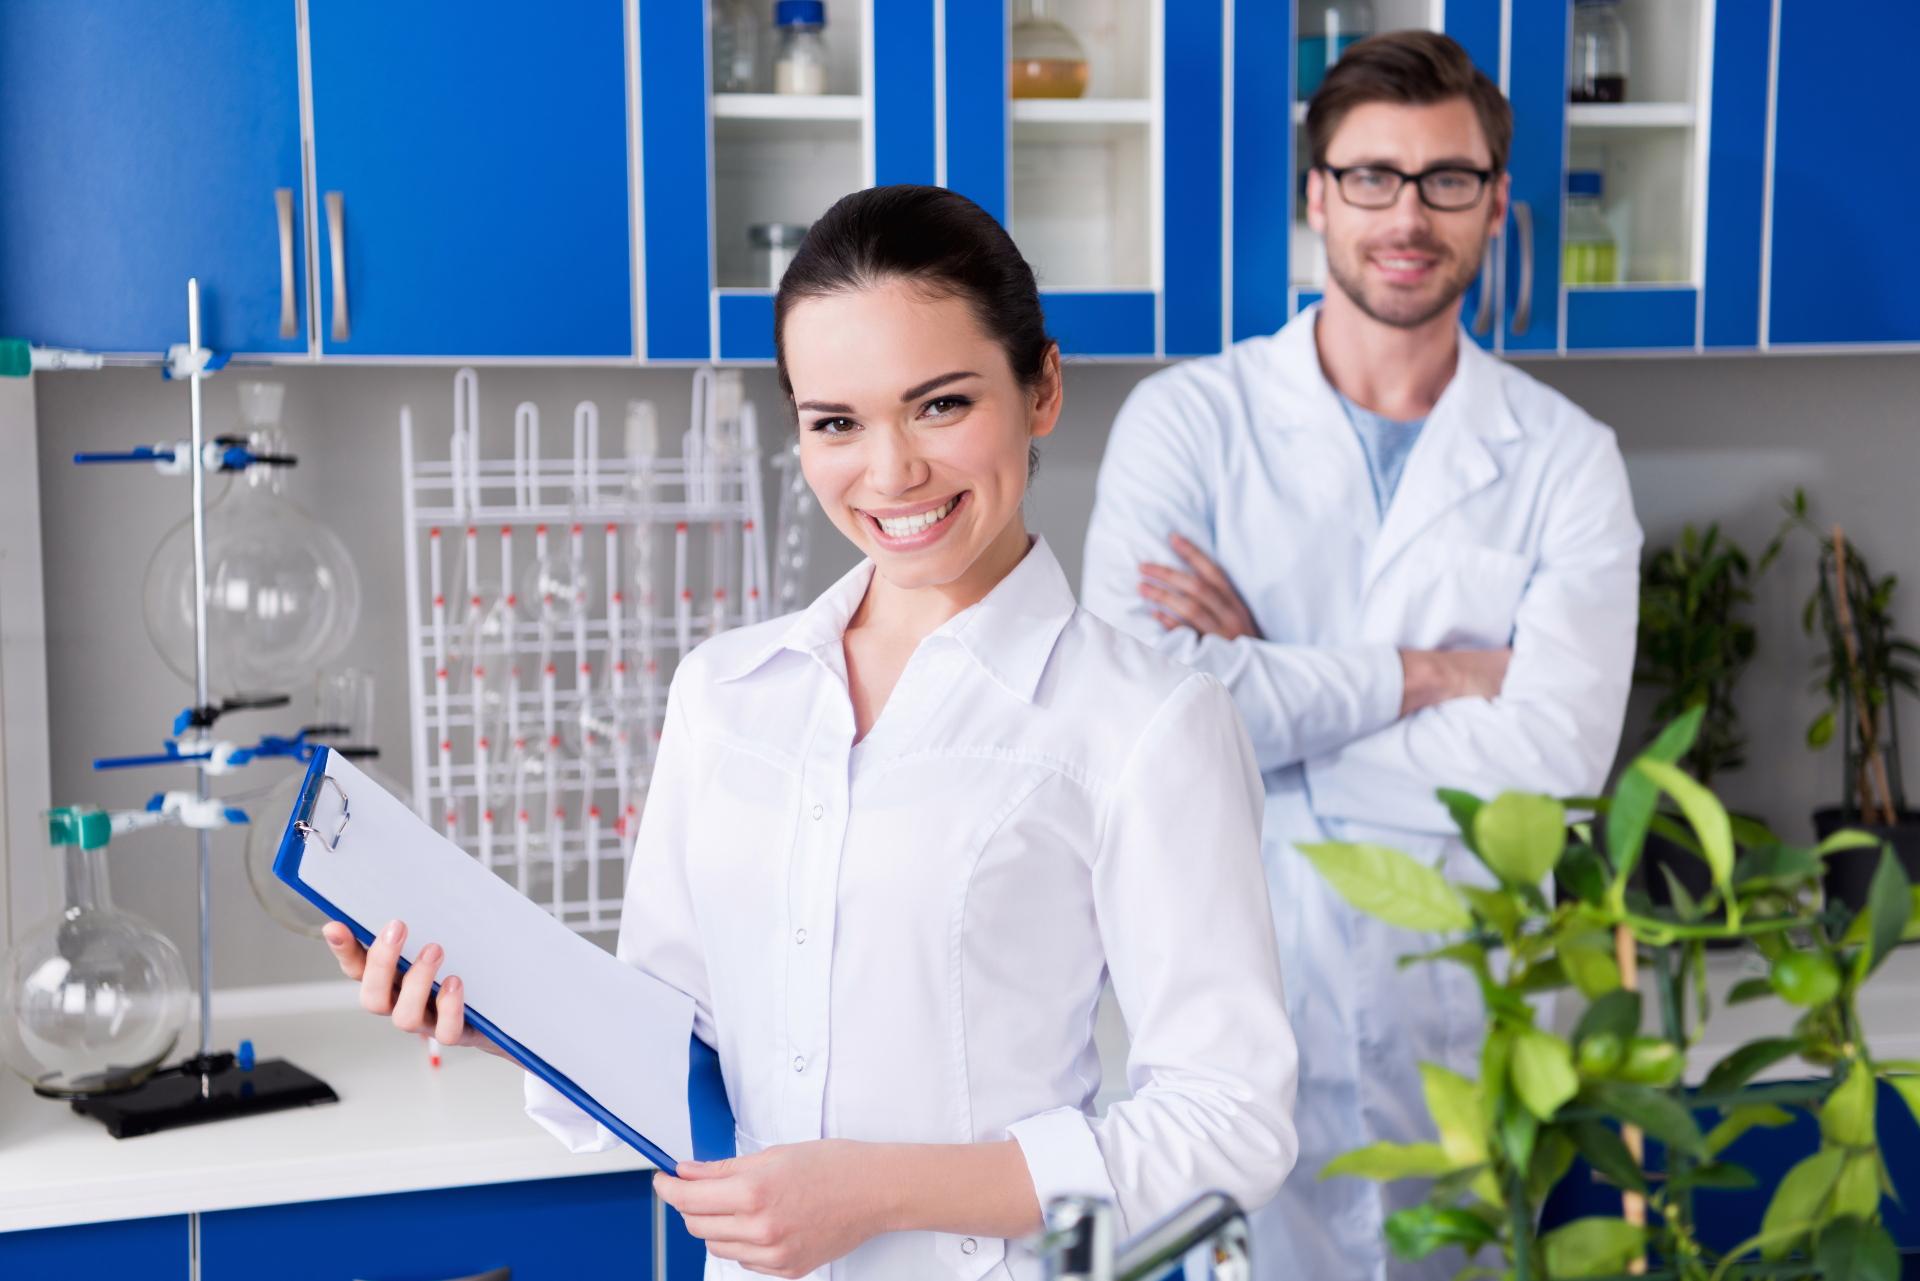 Akredytowane laboratorium pomiarowe – jakie parametry wykorzystuje